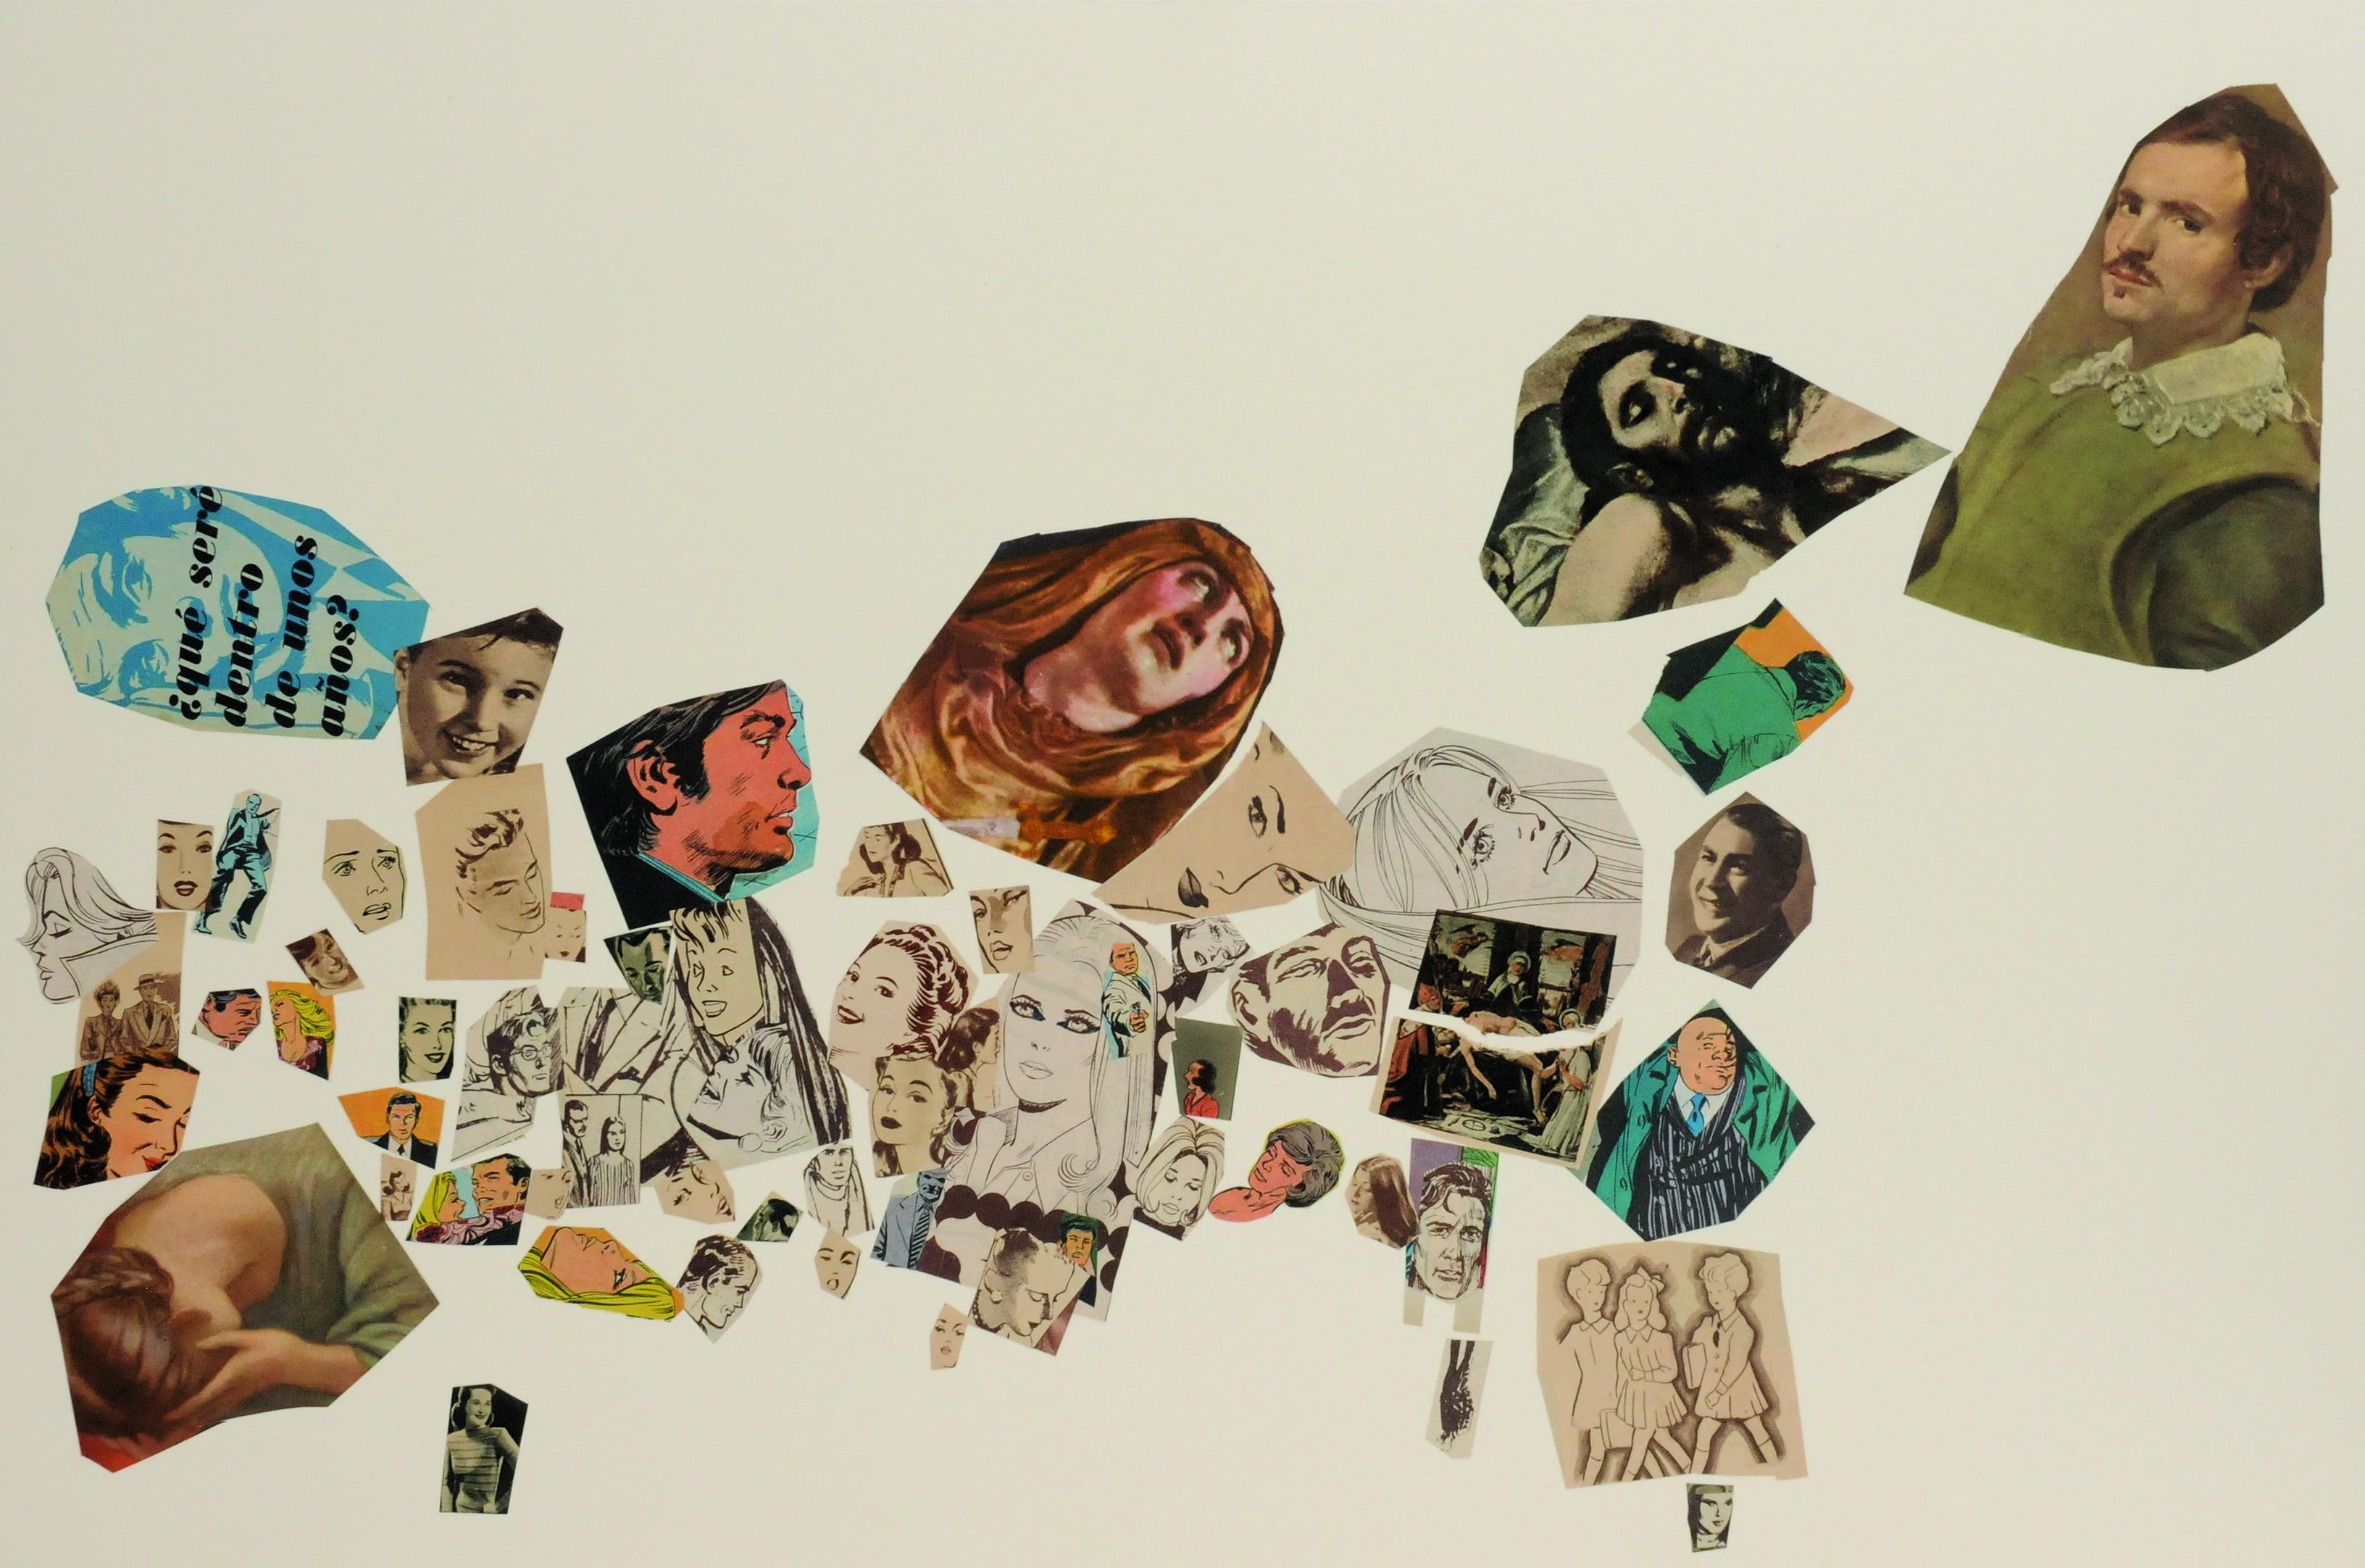 Que seré dentro de unos años, papel collage, 51 cm x 76 cm. 2008